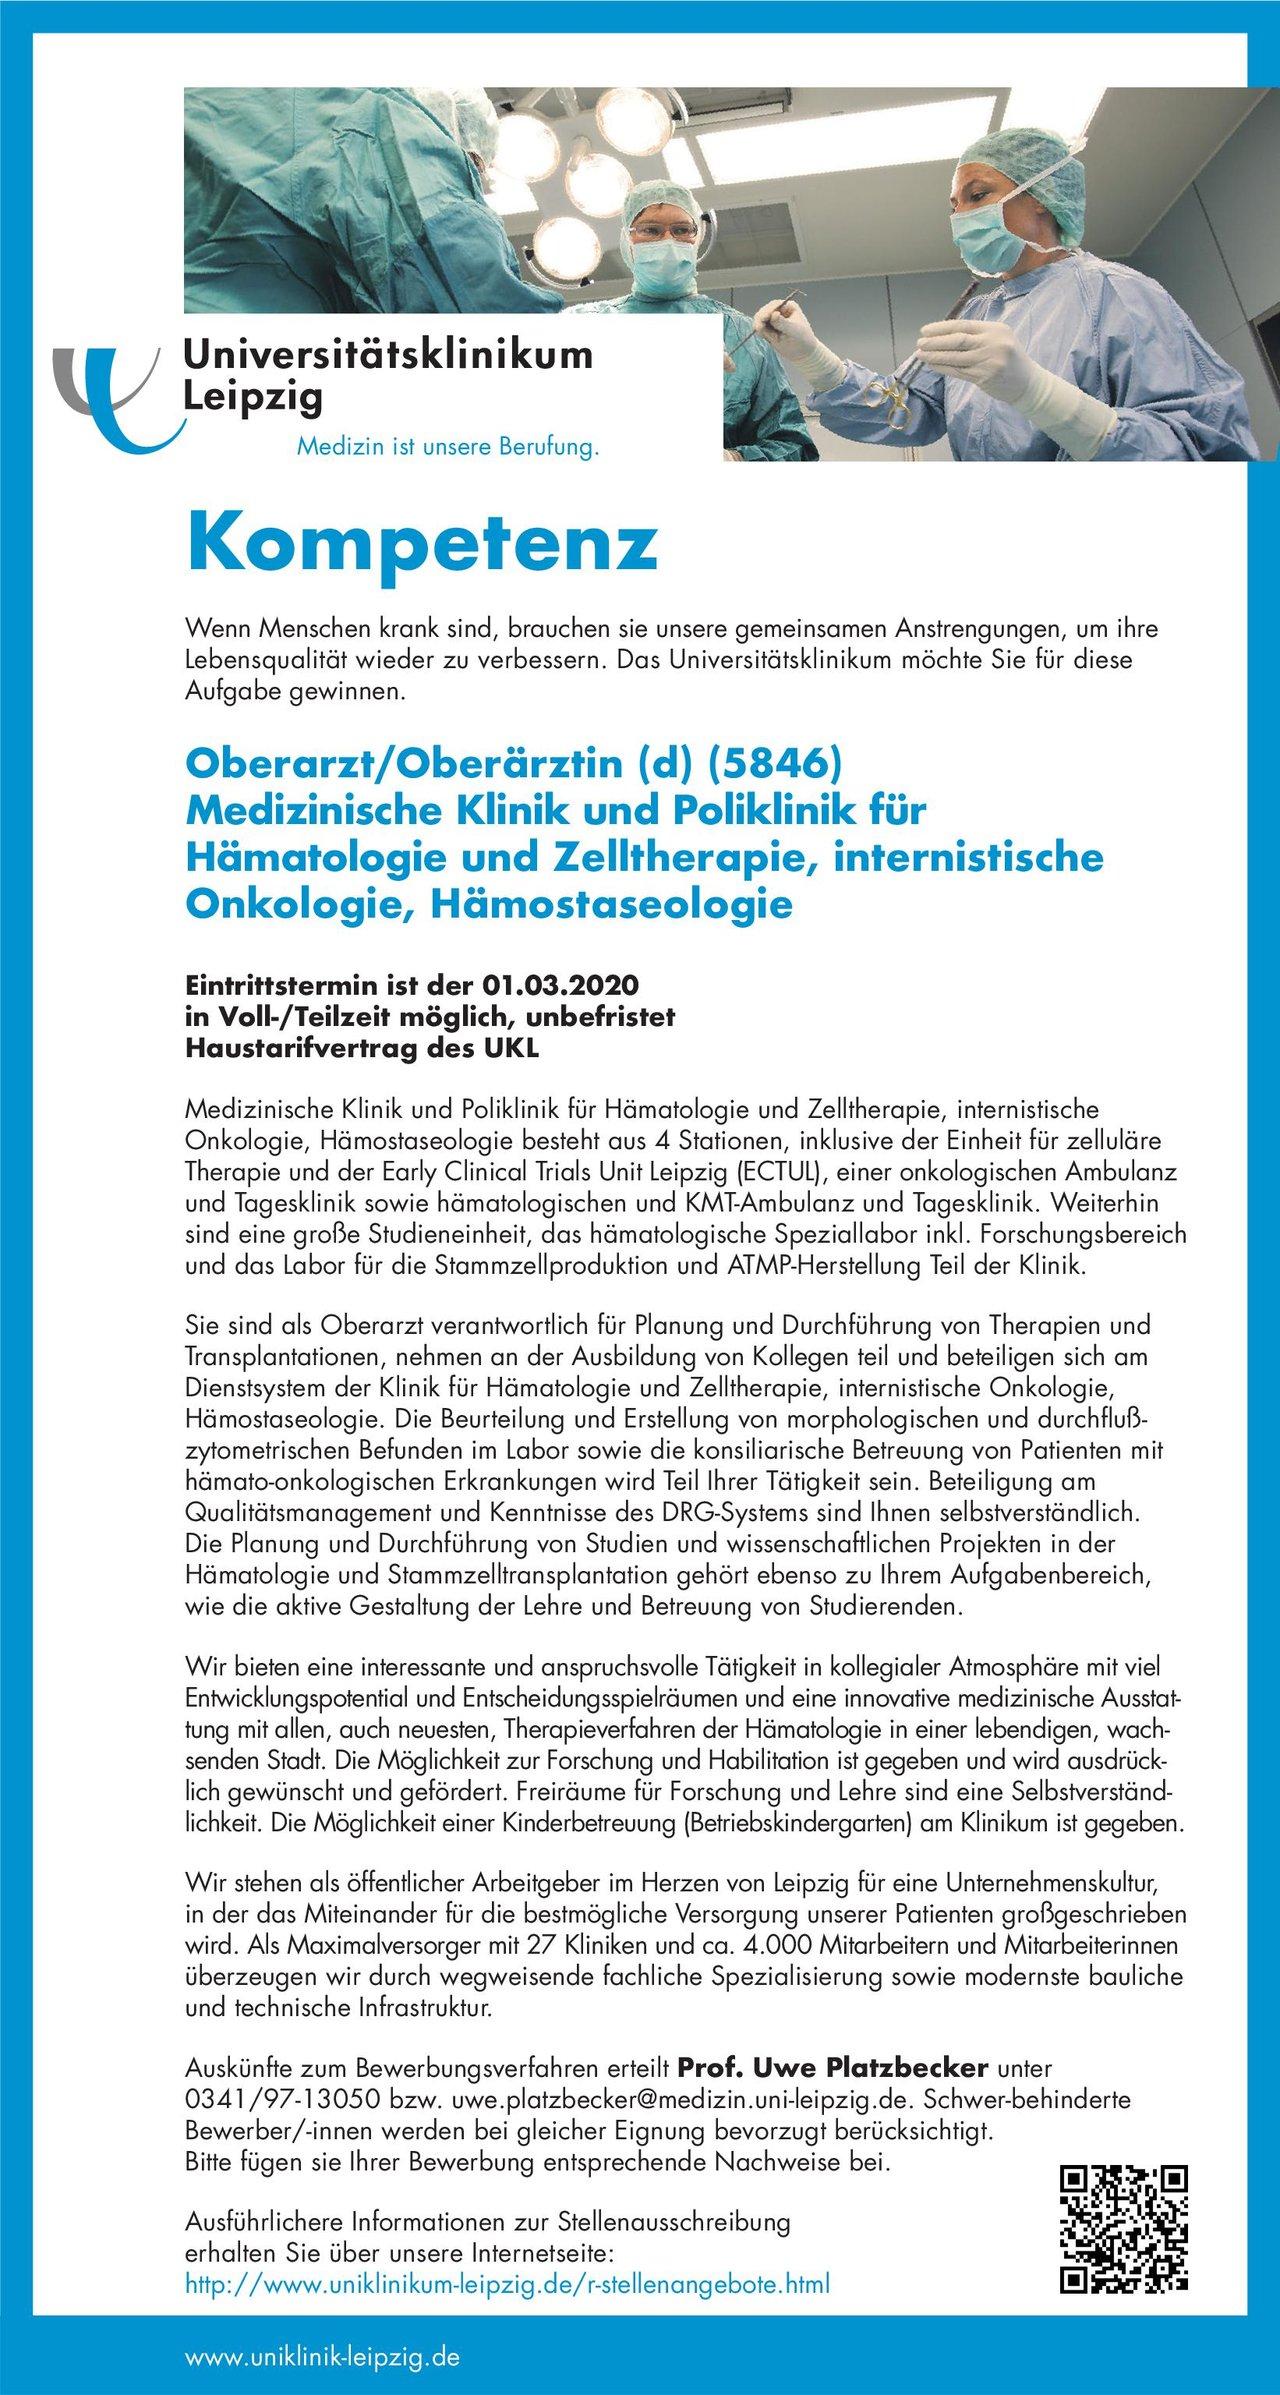 Universitätsklinikum Leipzig Oberarzt/Oberärztin (d) (5846) Medizinische Klinik und Poliklinik für Hämatologie und Zelltherapie, internistische Onkologie, Hämostaseologie  Innere Medizin und Hämatologie und Onkologie, Innere Medizin Oberarzt